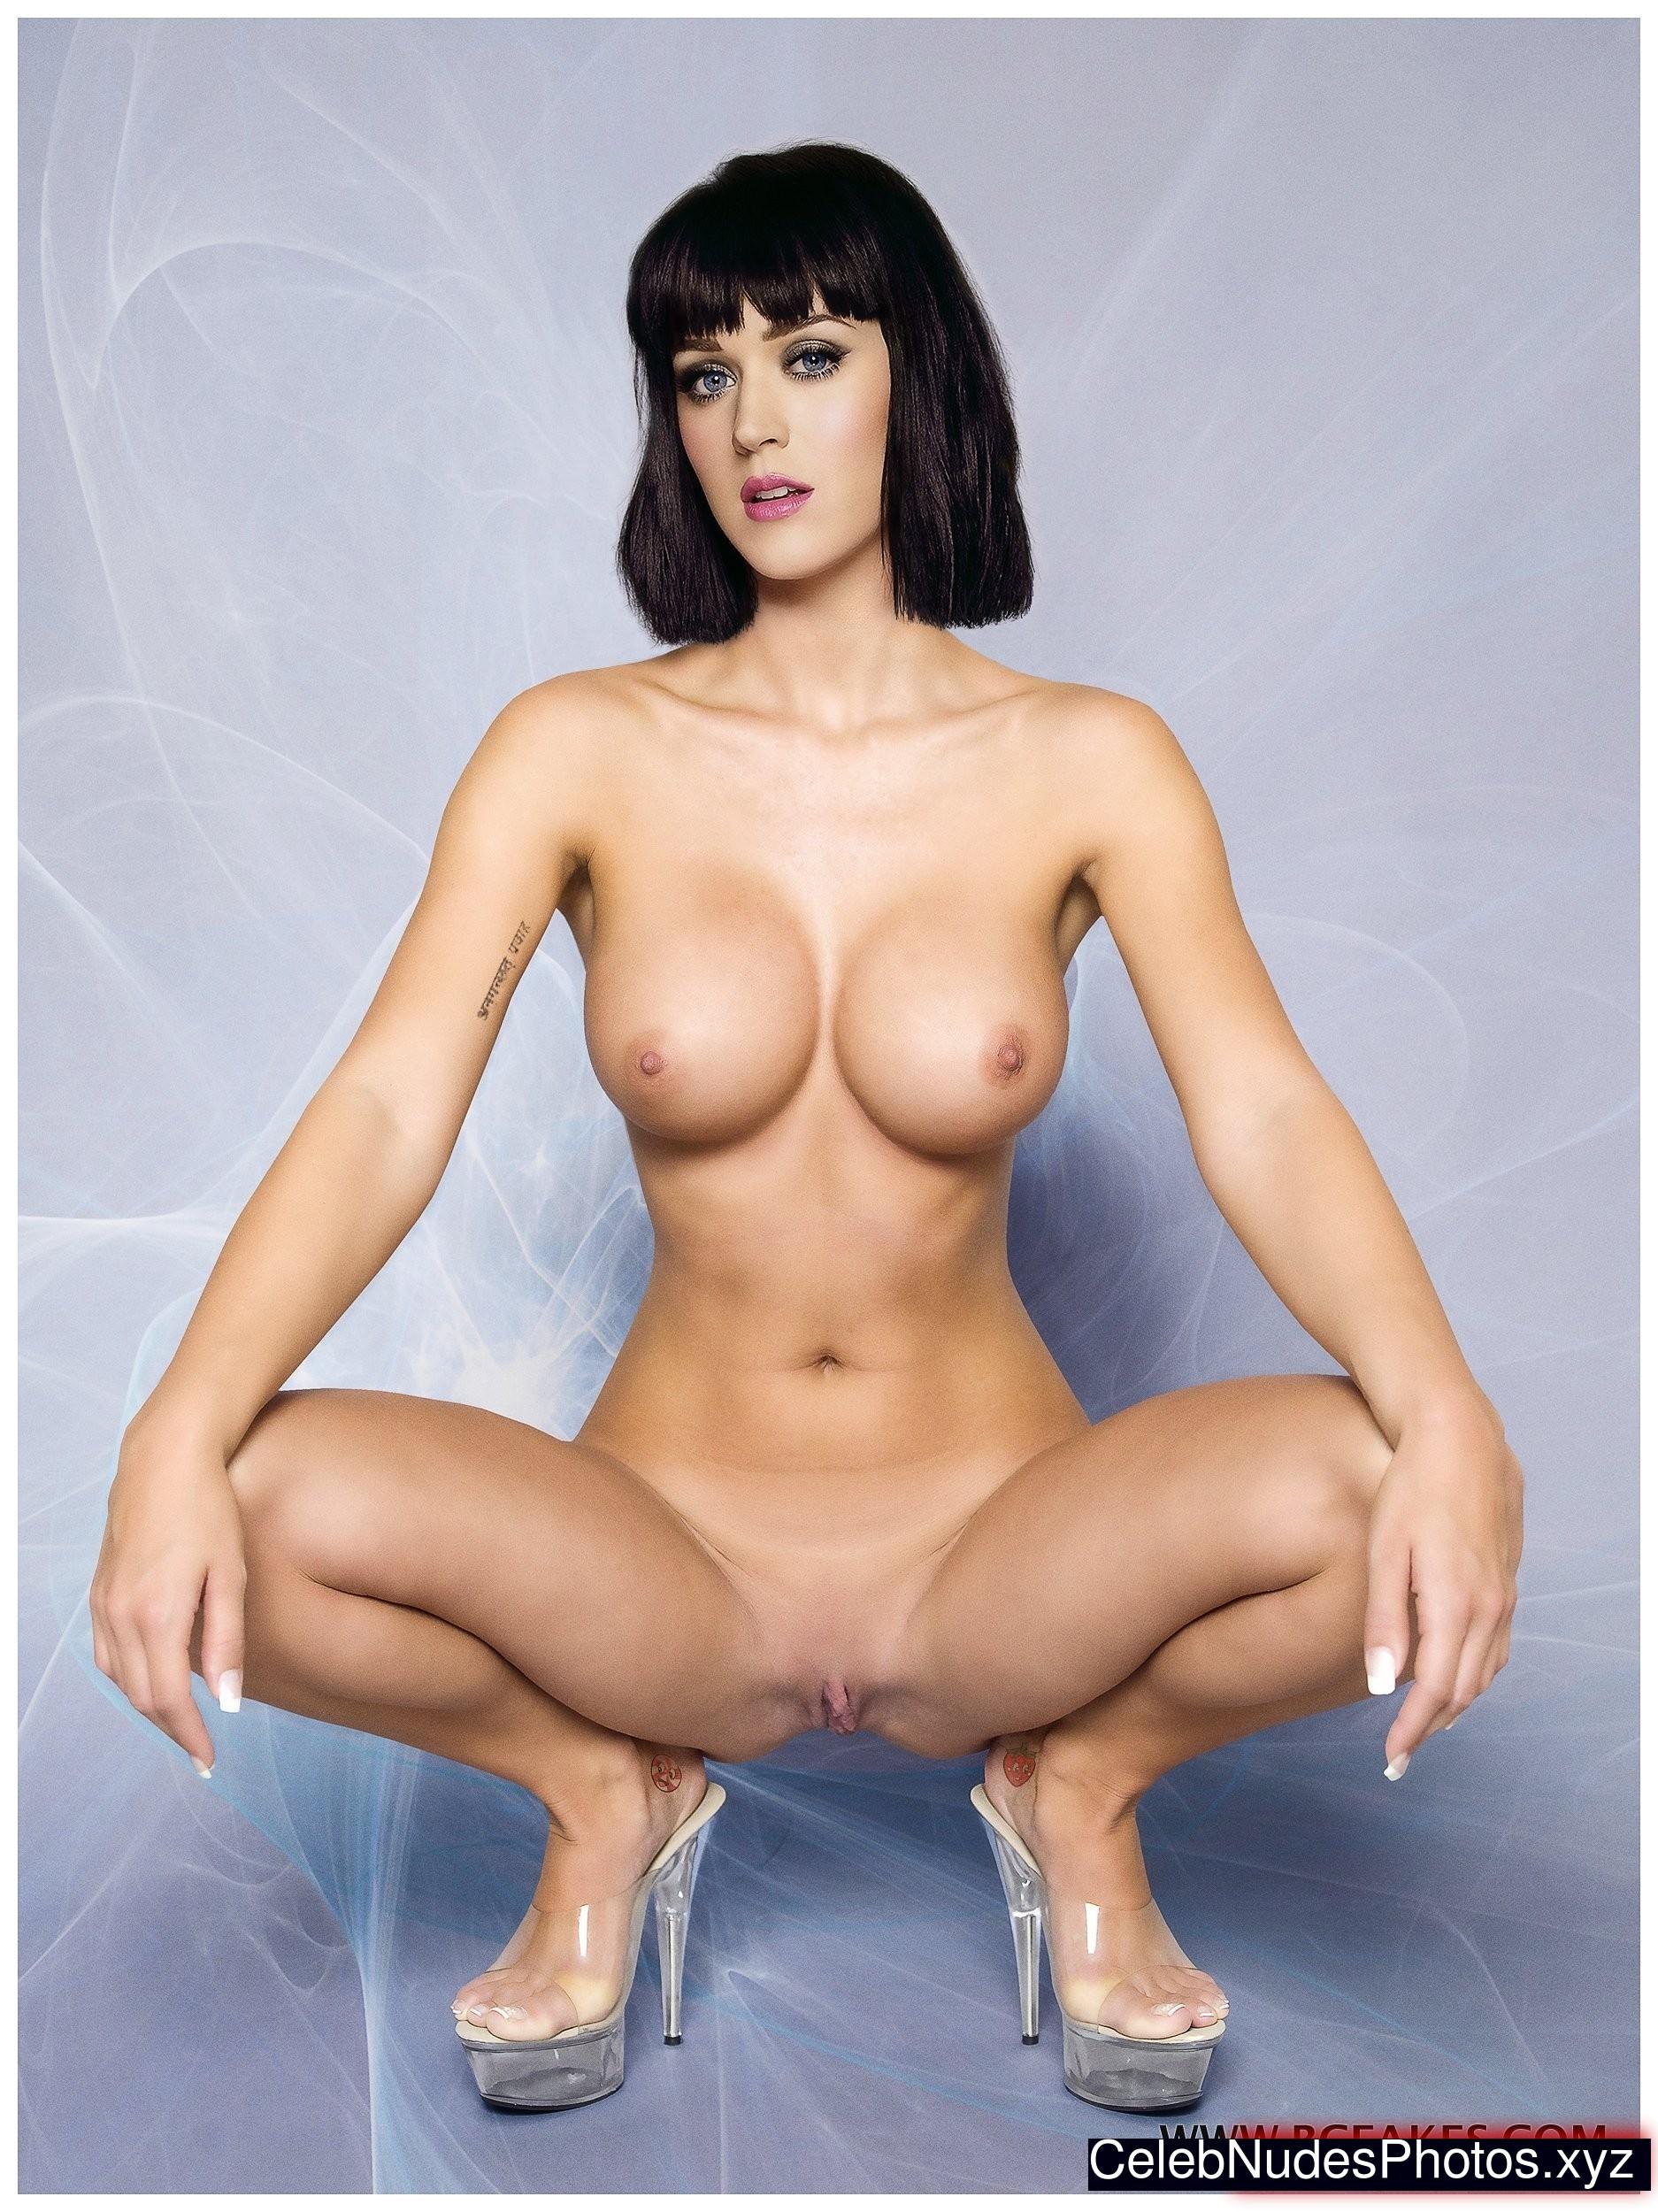 Free naked female photos